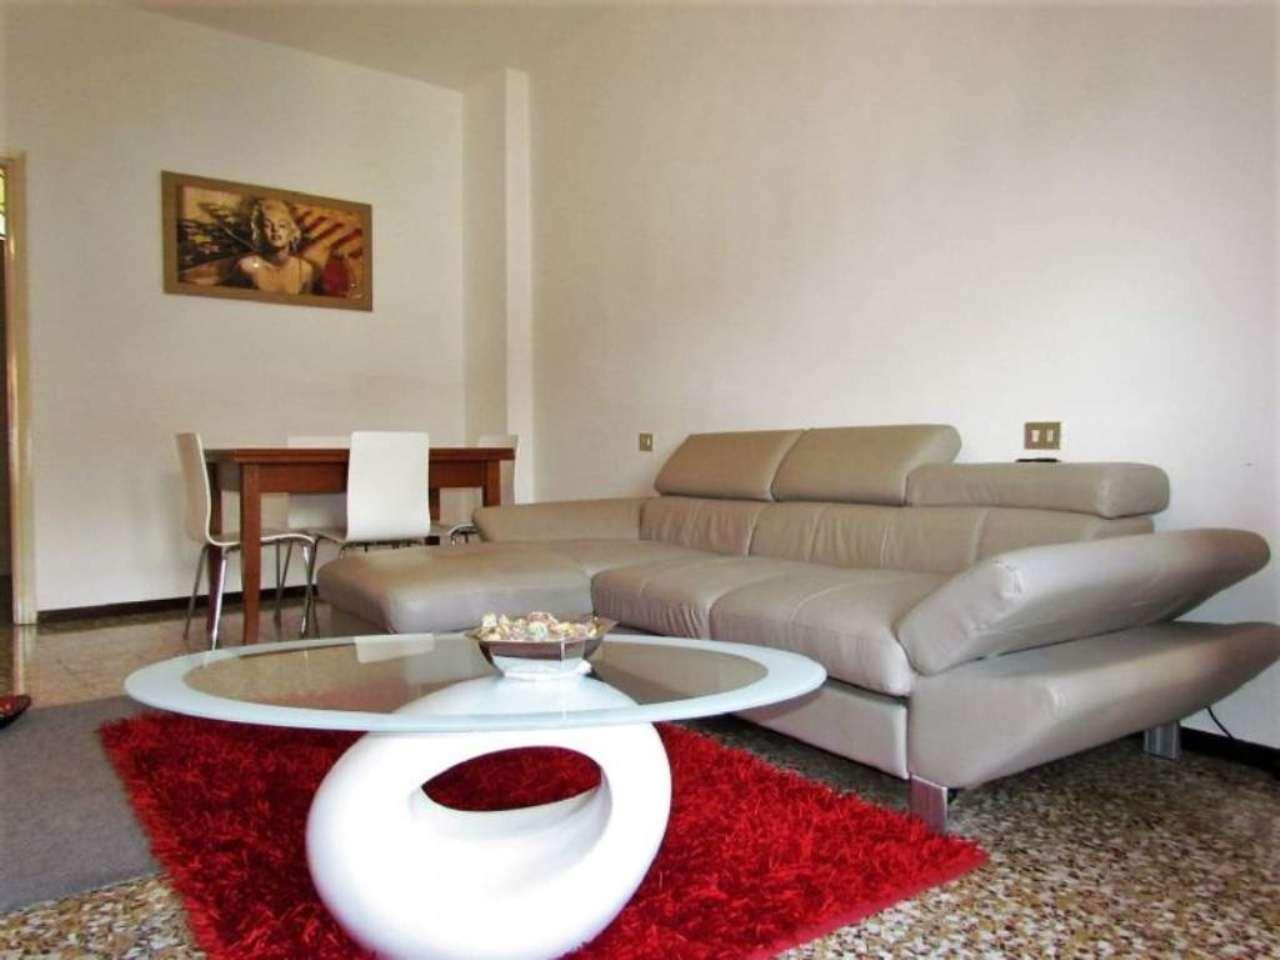 Appartamento in vendita a Tradate, 2 locali, prezzo € 65.000 | Cambio Casa.it